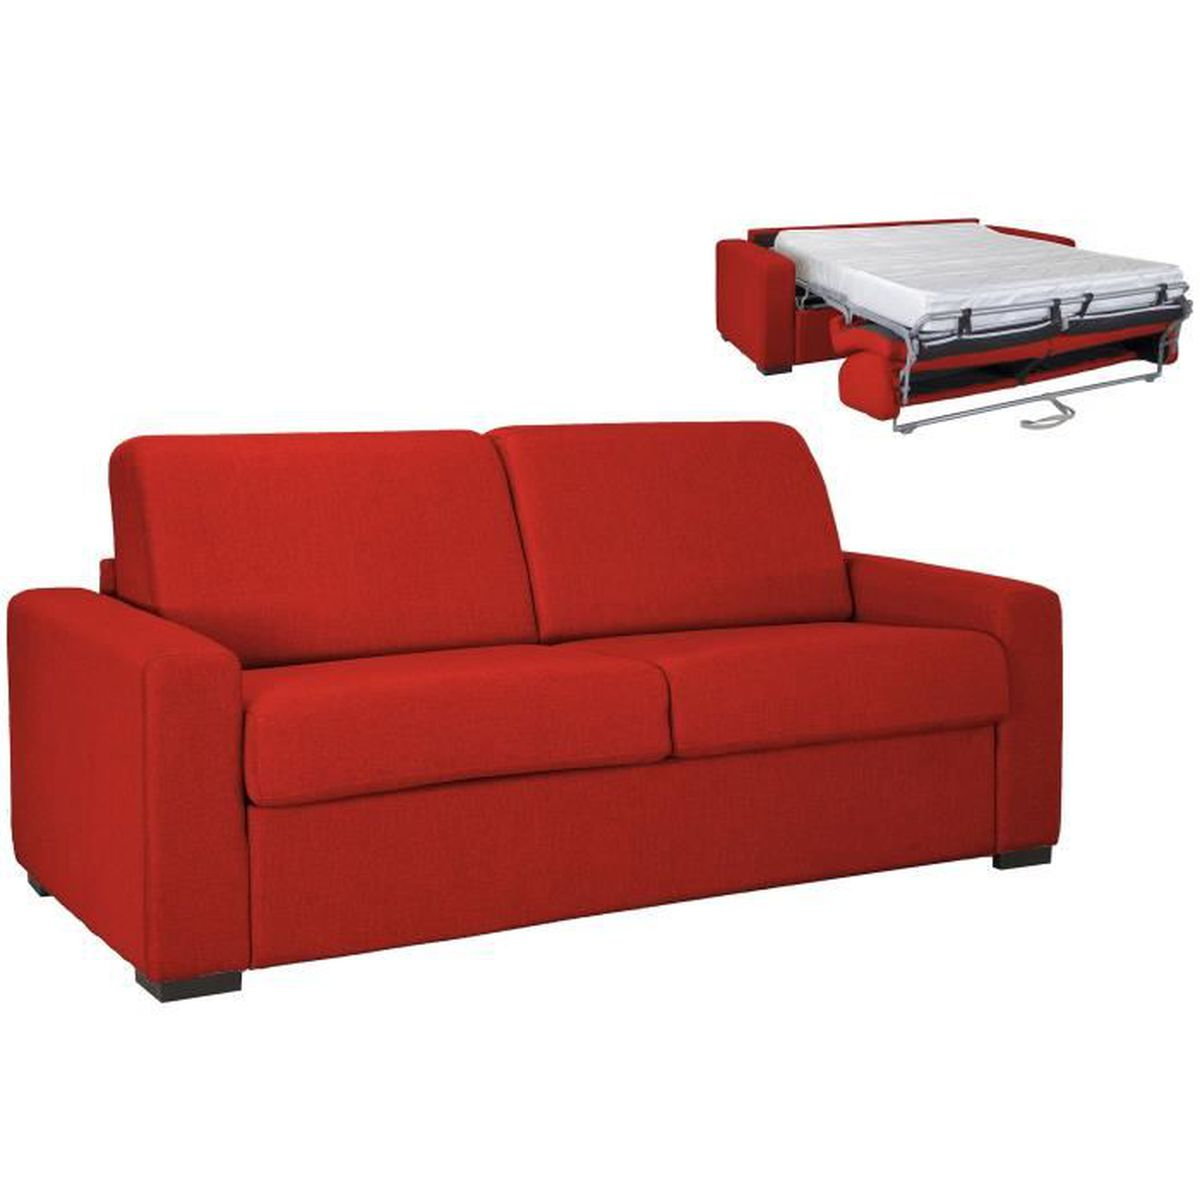 design de qualité 474ed 26be4 Canape rapido couchage quotidien rouge